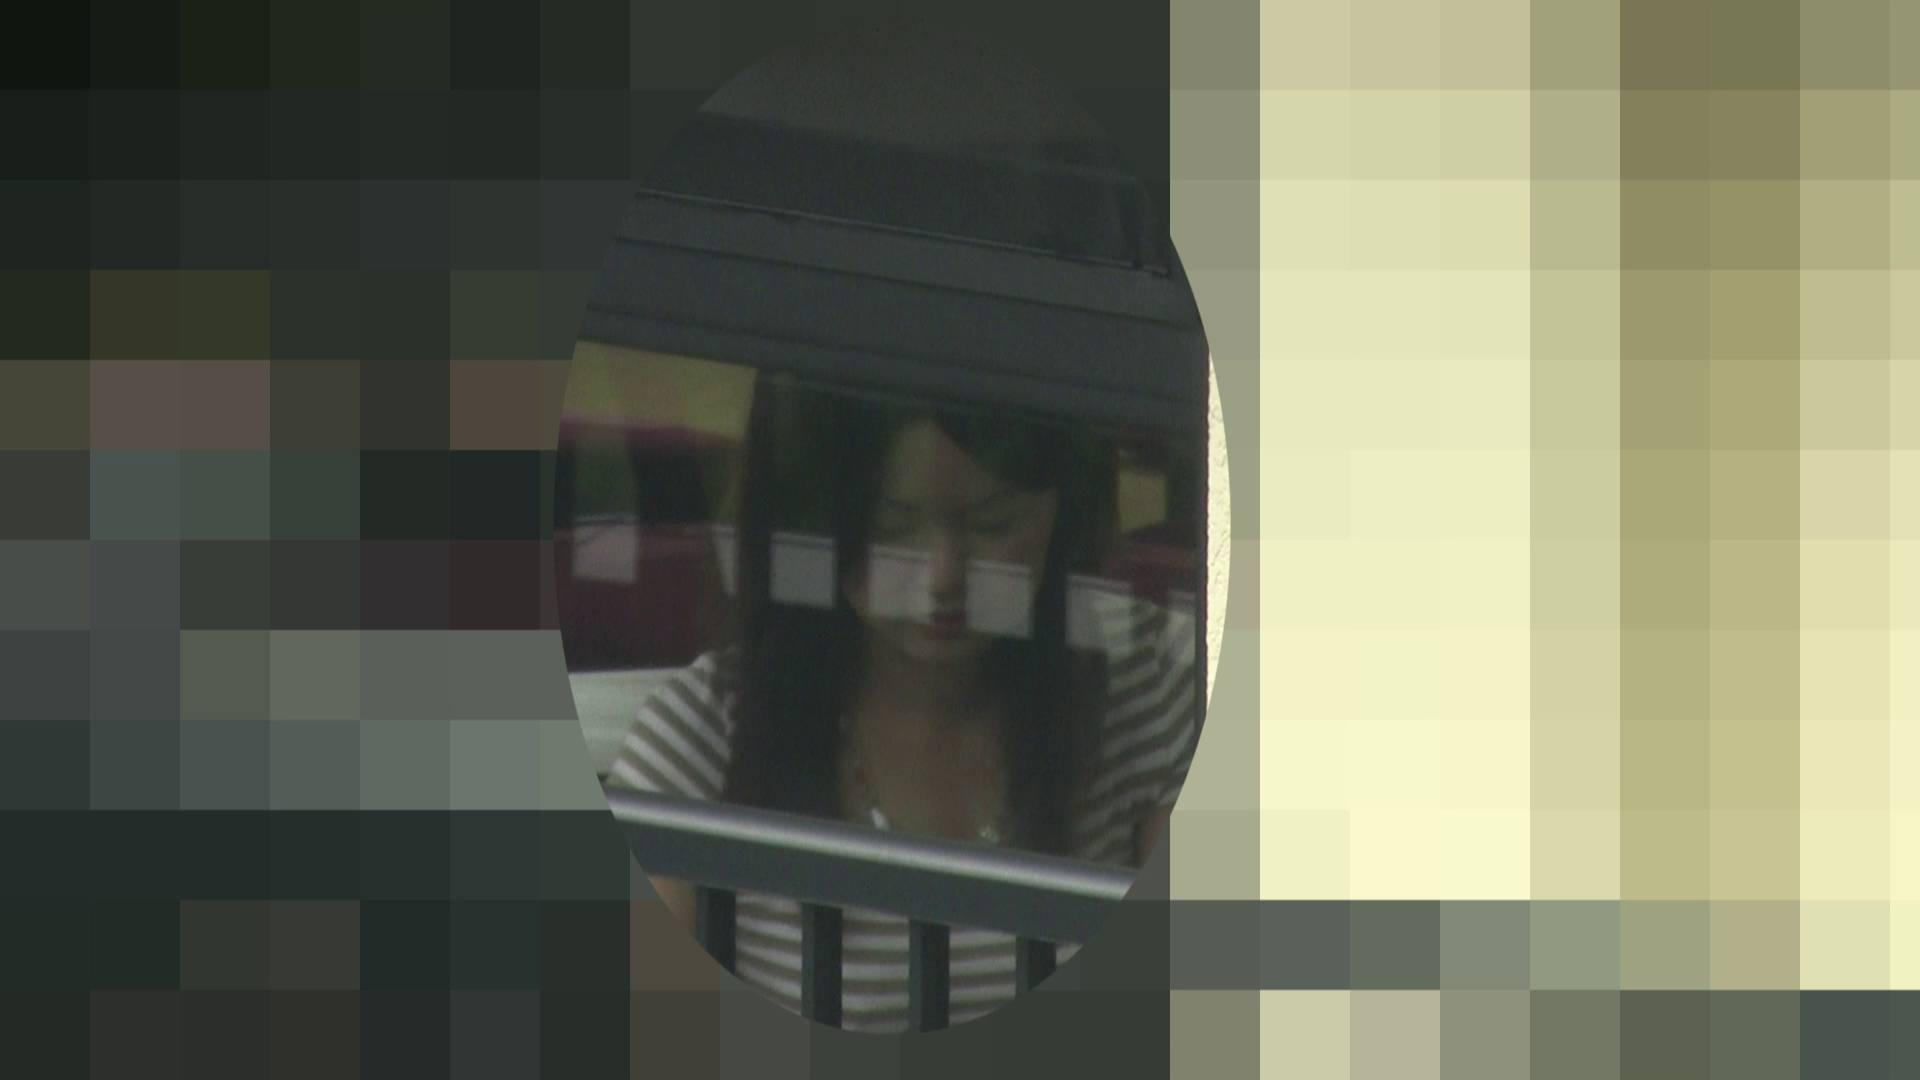 高画質露天女風呂観察 vol.032 高画質 | 乙女  54画像 36